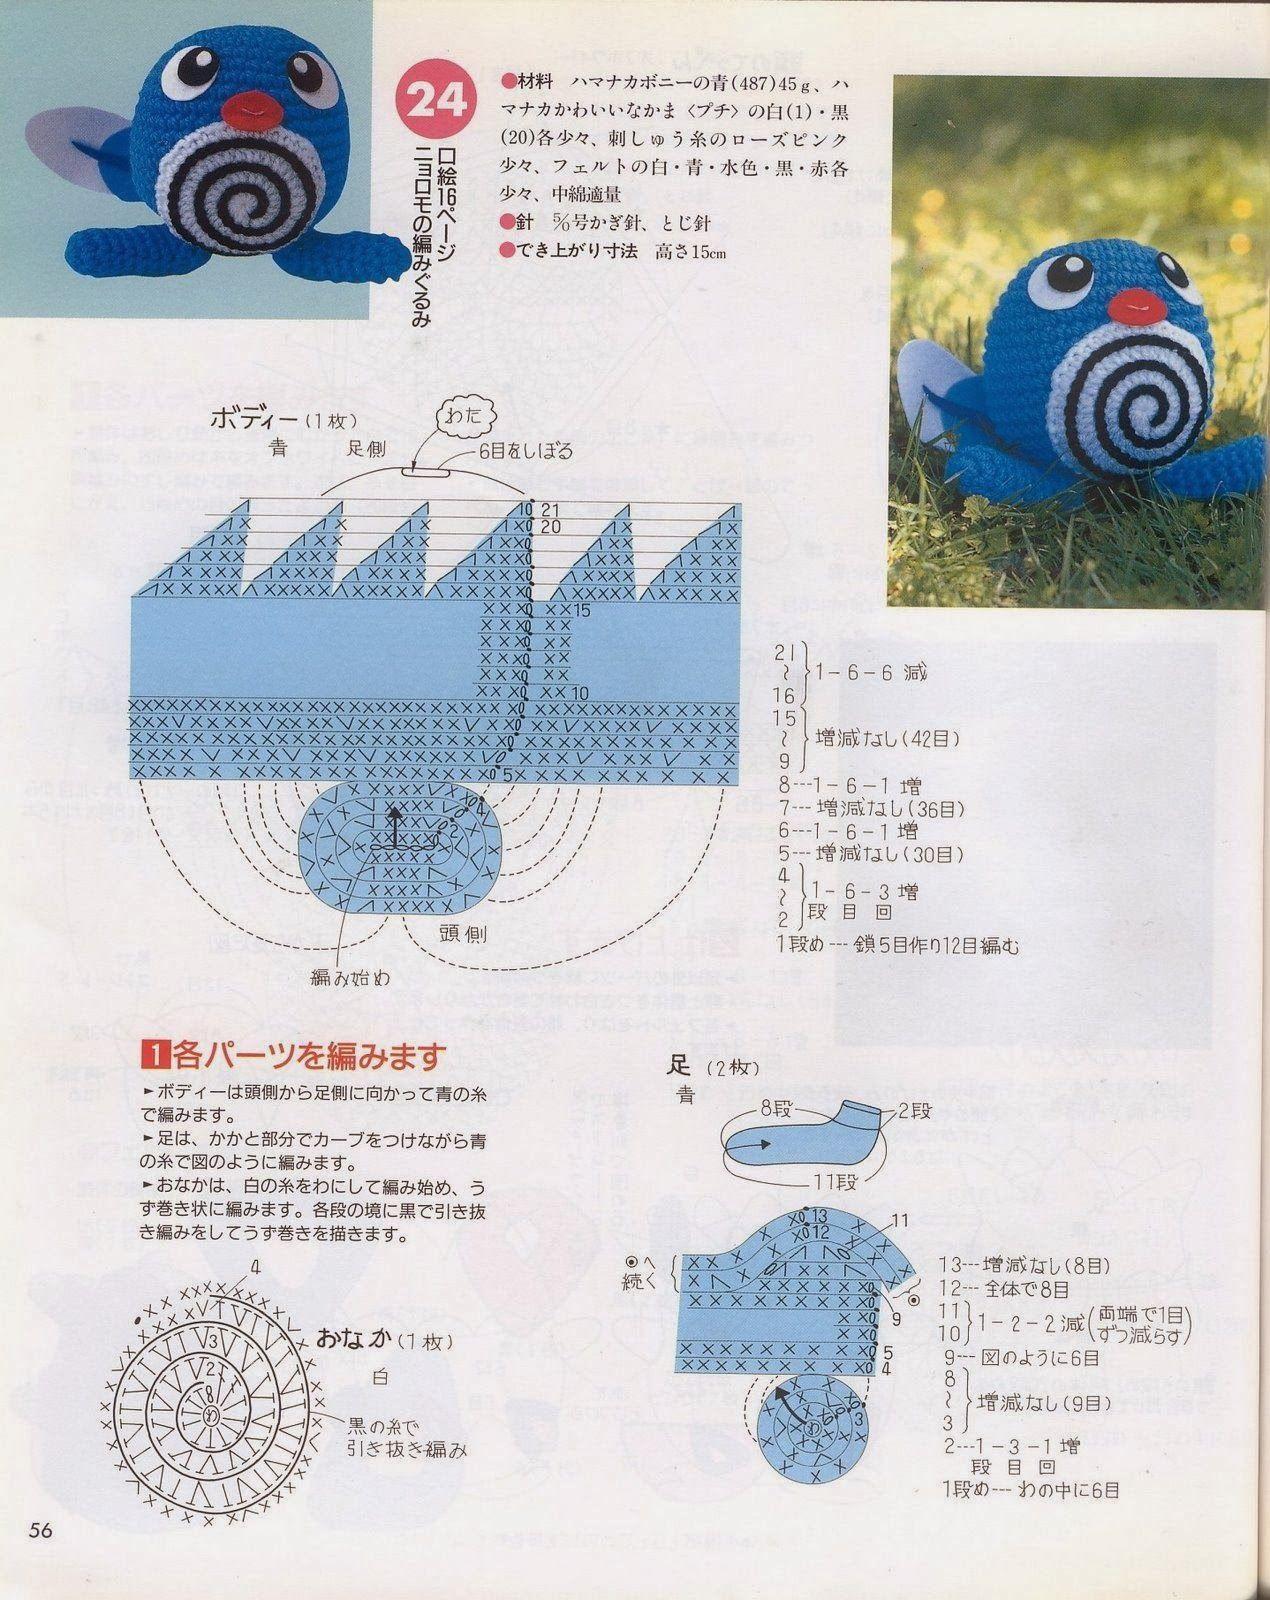 Blog de Goanna: Muñecos Pokemon en Amigurumi | Crochet for Baby 3 ...